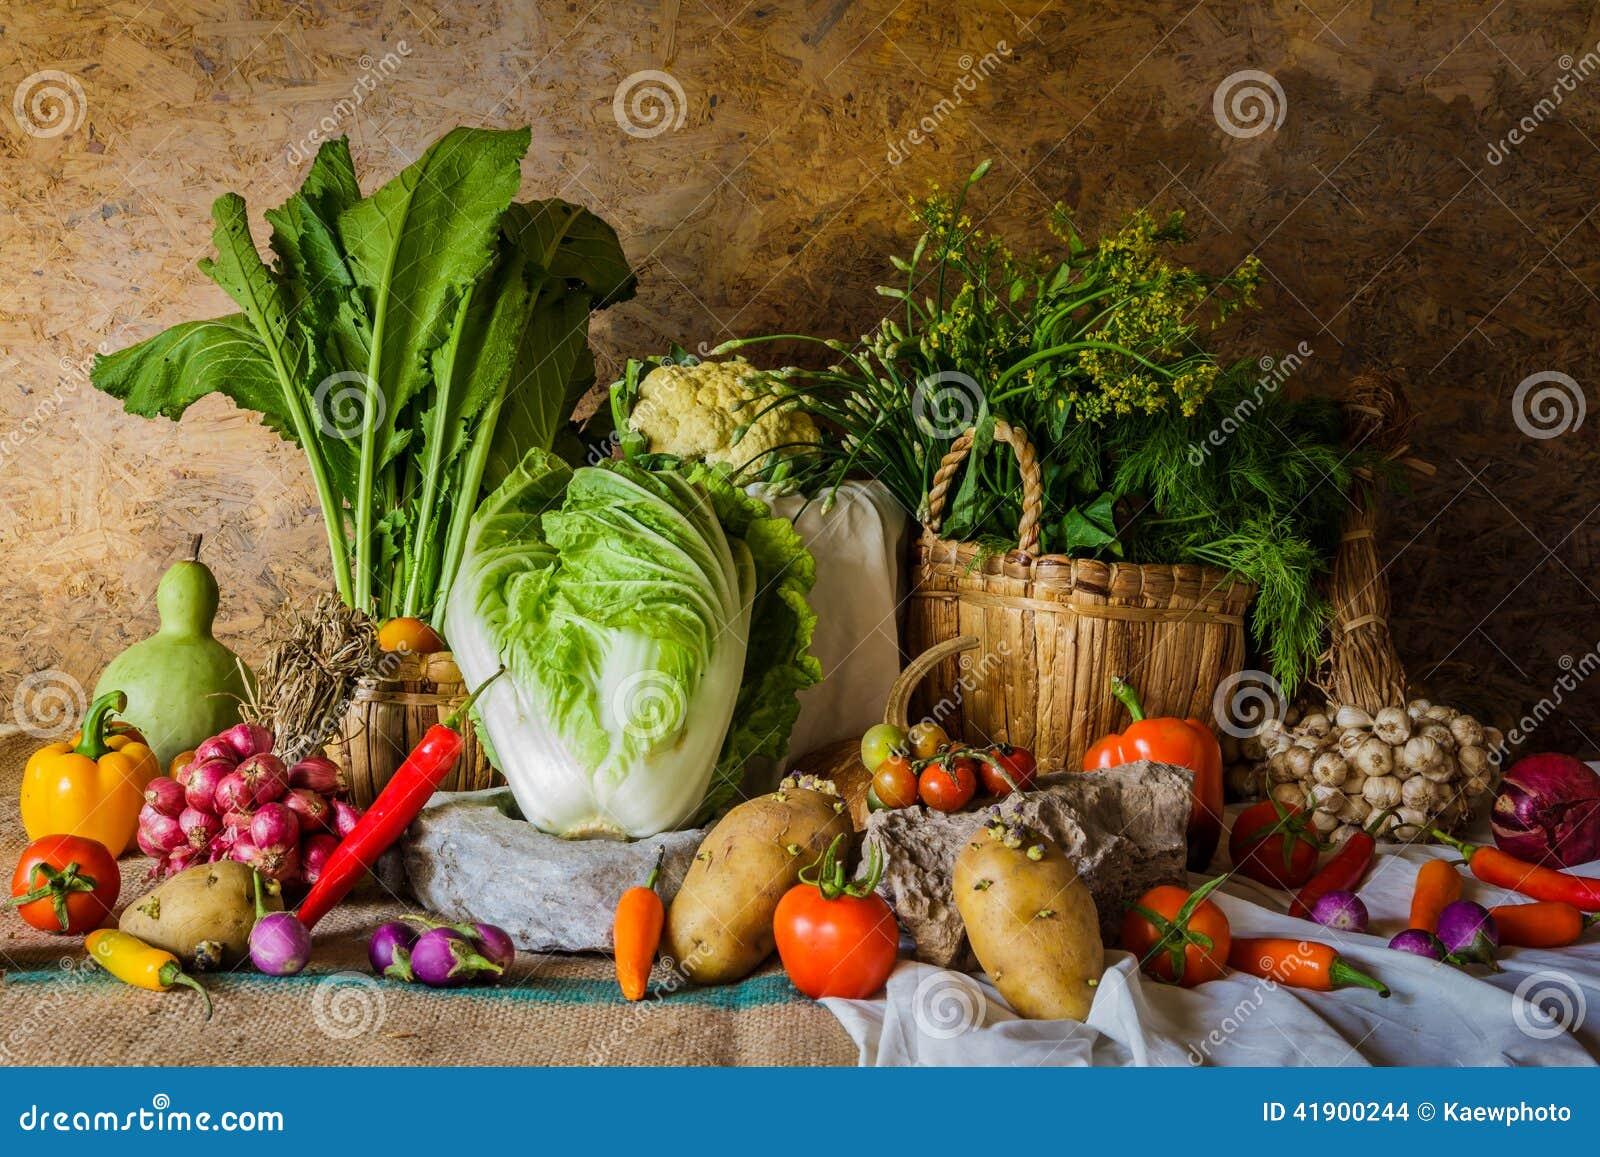 Todavía verduras, hierbas y frutas de la vida